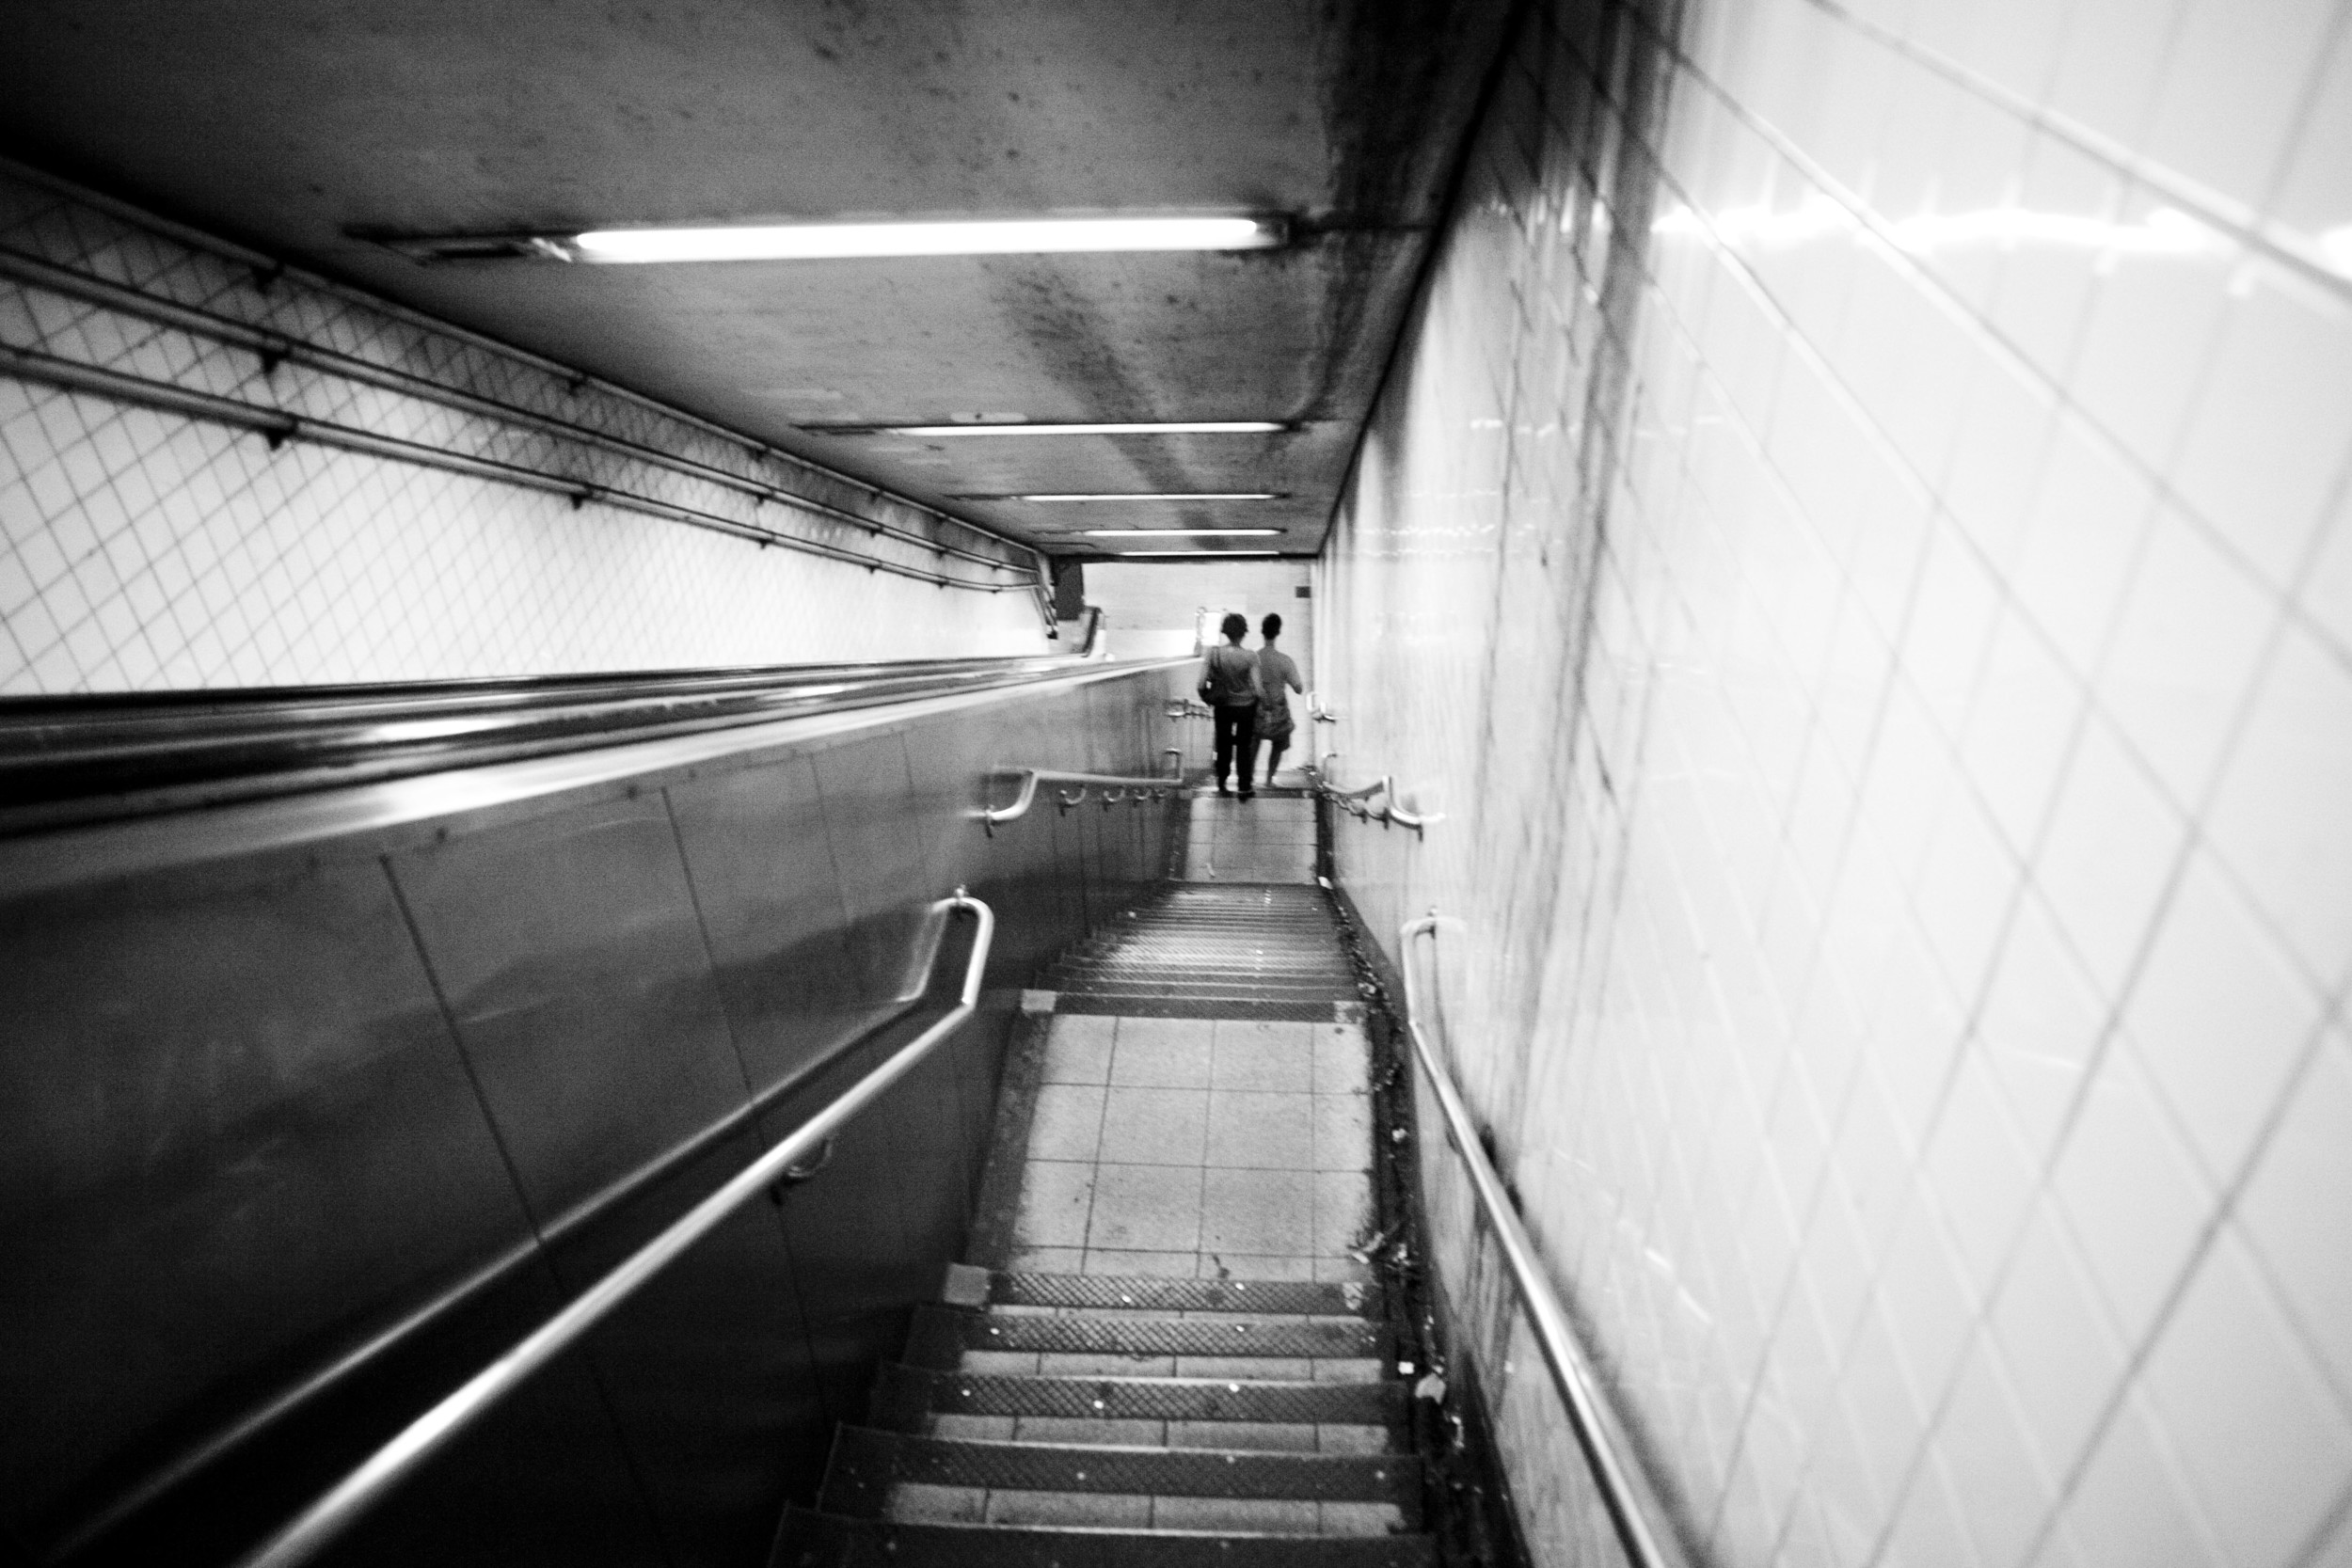 Subway-1779.JPG